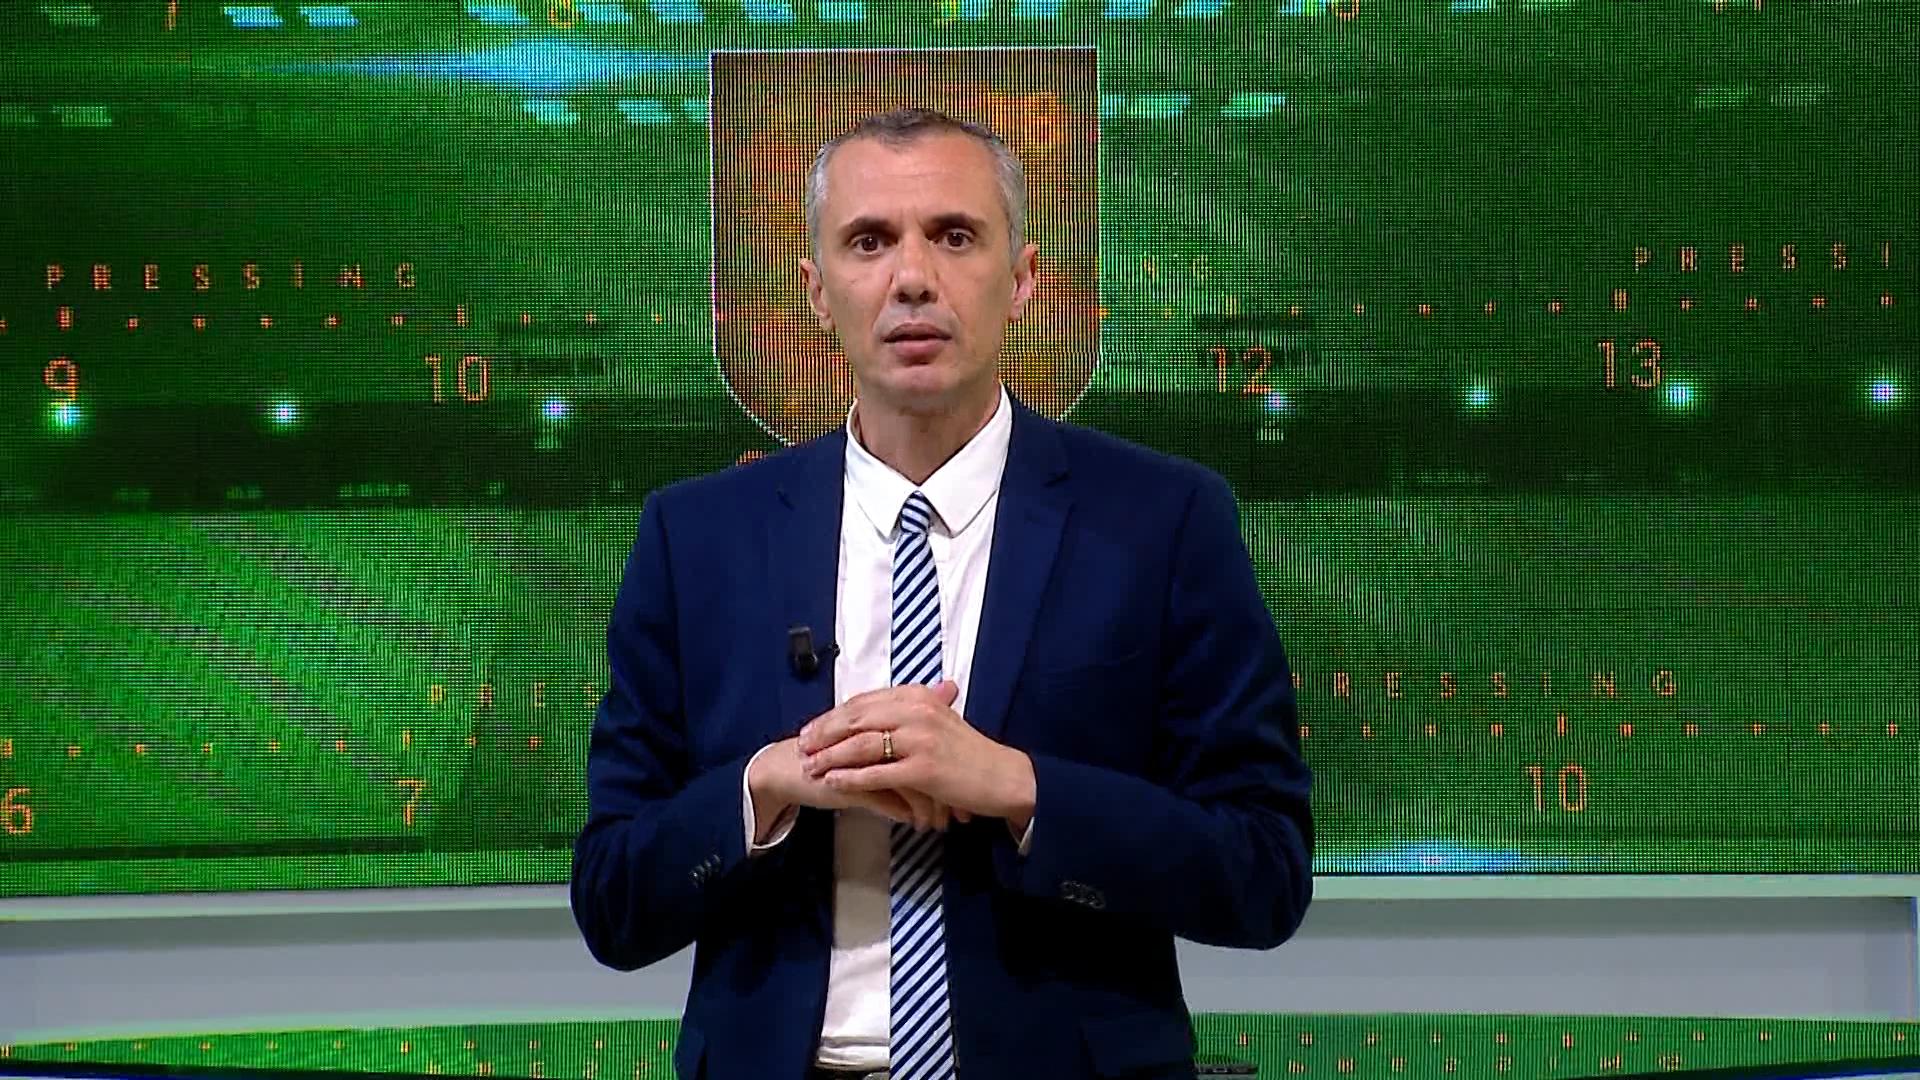 """Emisioni """"Pressing"""", 3 Qershor 2019"""